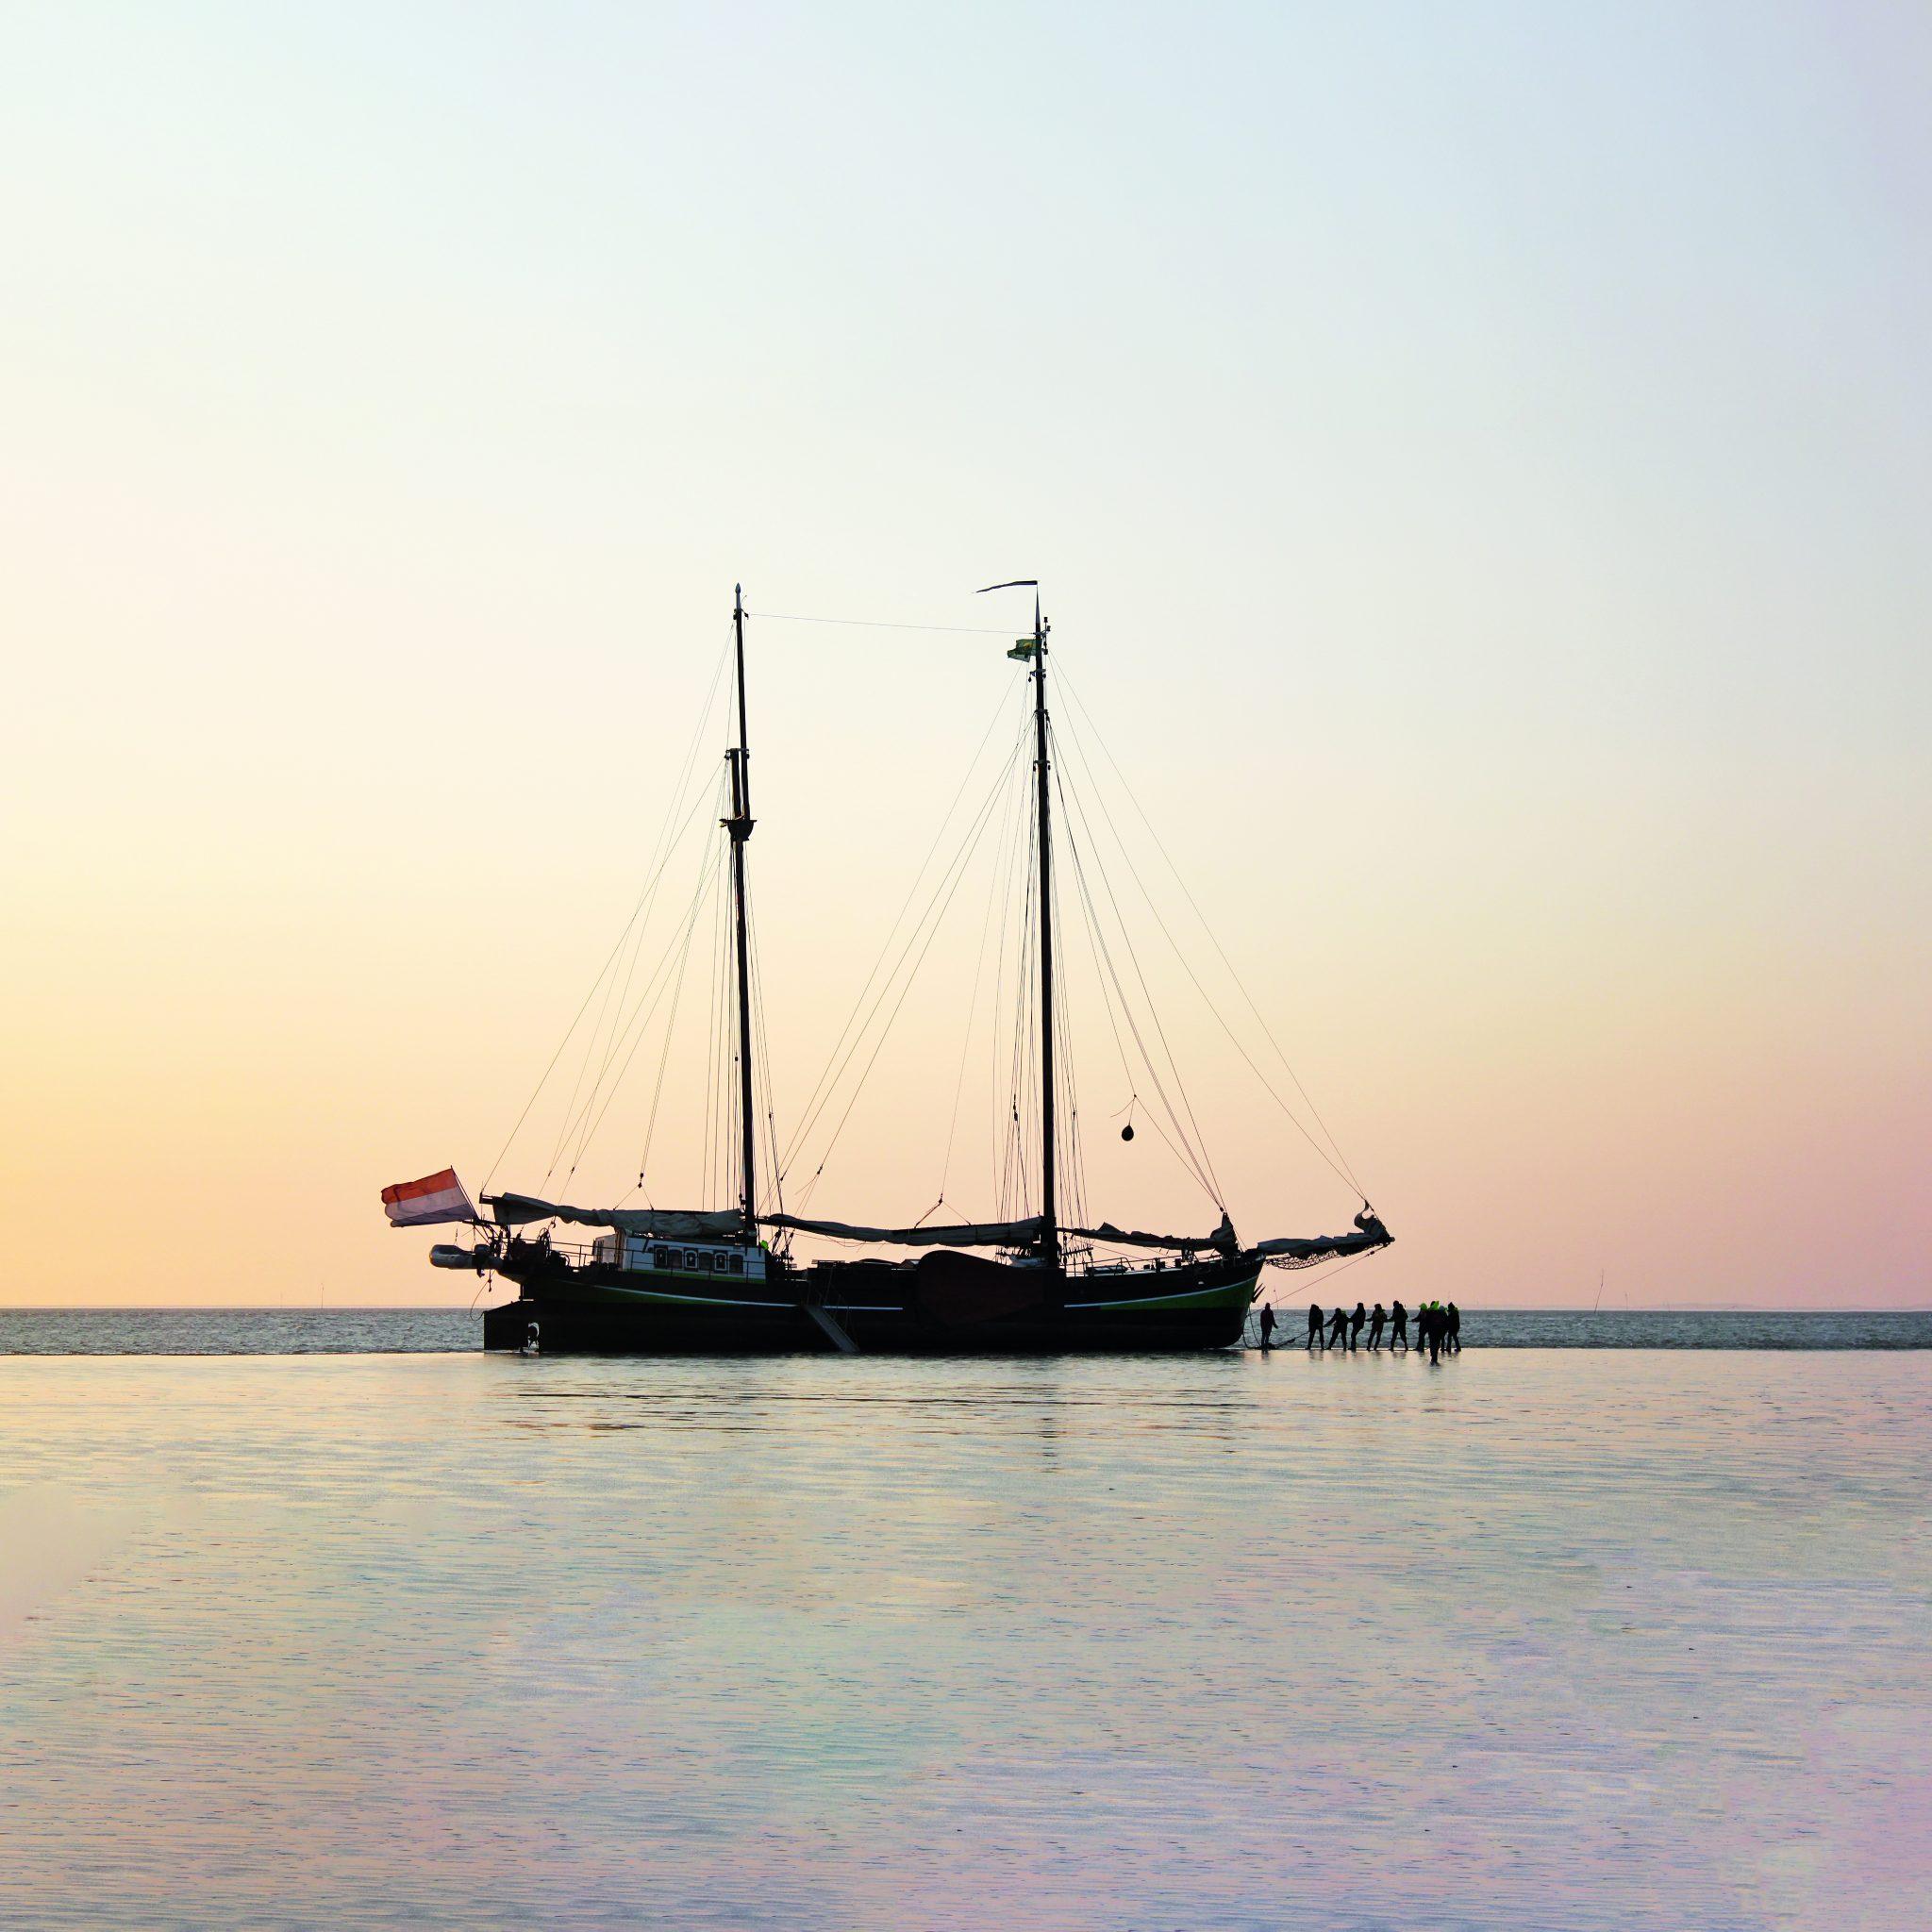 Alleen actieve zeilcharterschepen ouder dan 50 jaar komen in aanmerking voor de speciale steunregeling. (Foto Gouden Vloot)